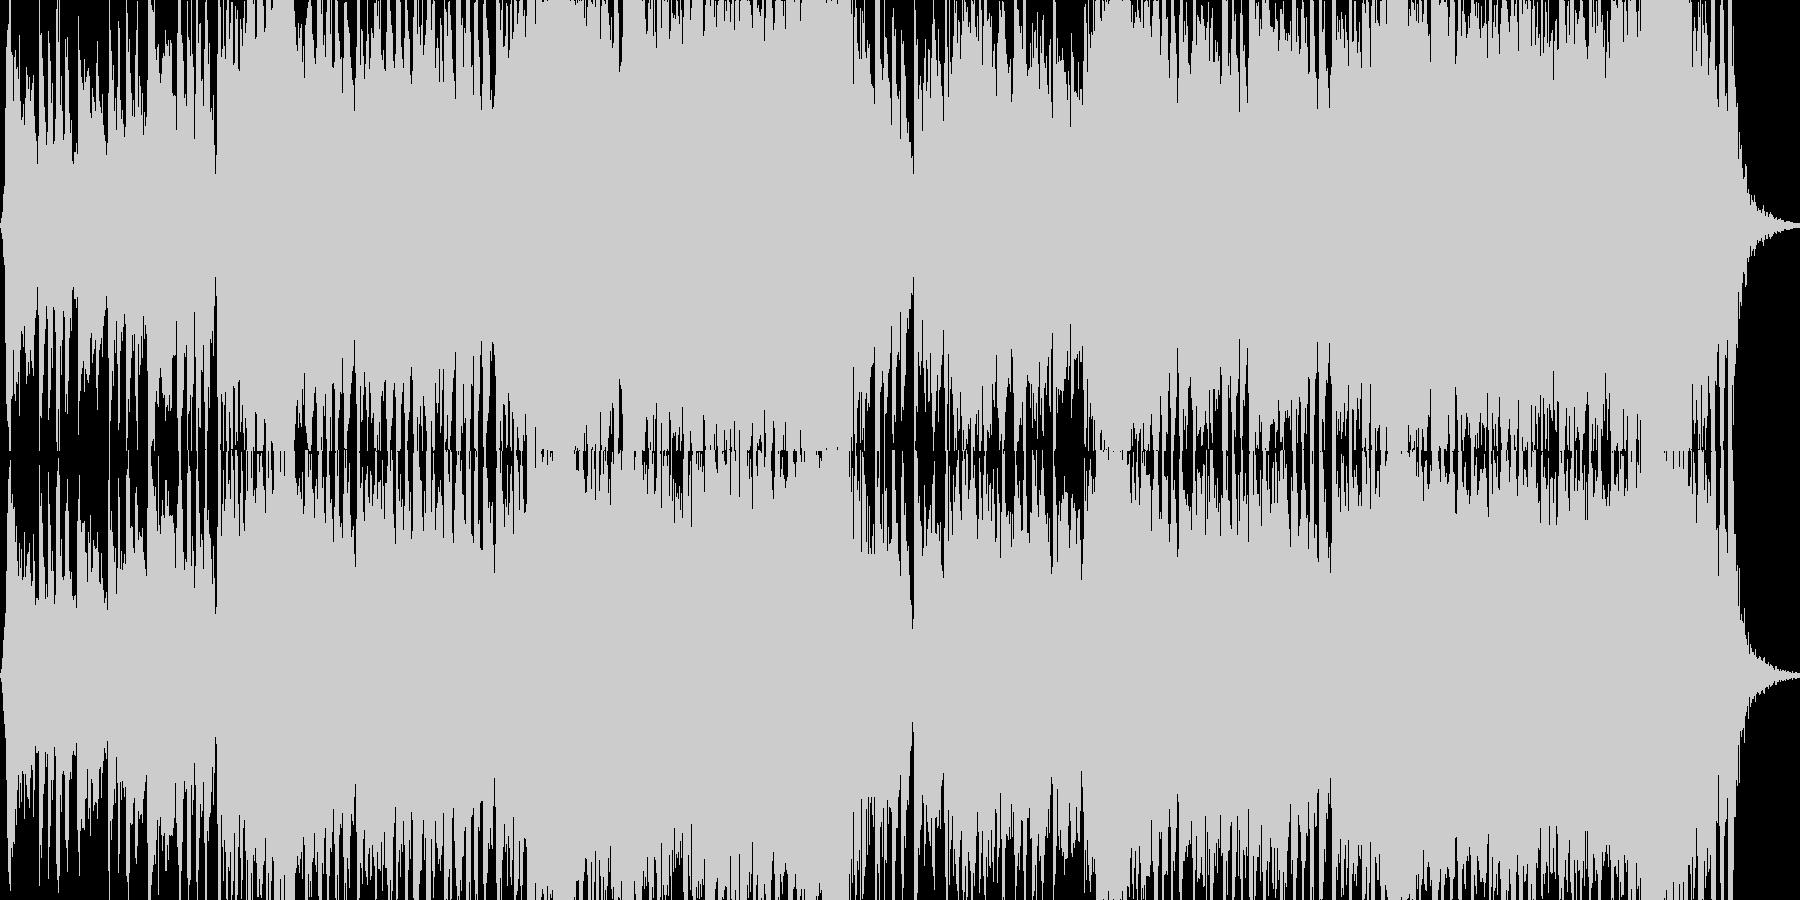 映画・ゲーム用バトルBGM28の未再生の波形